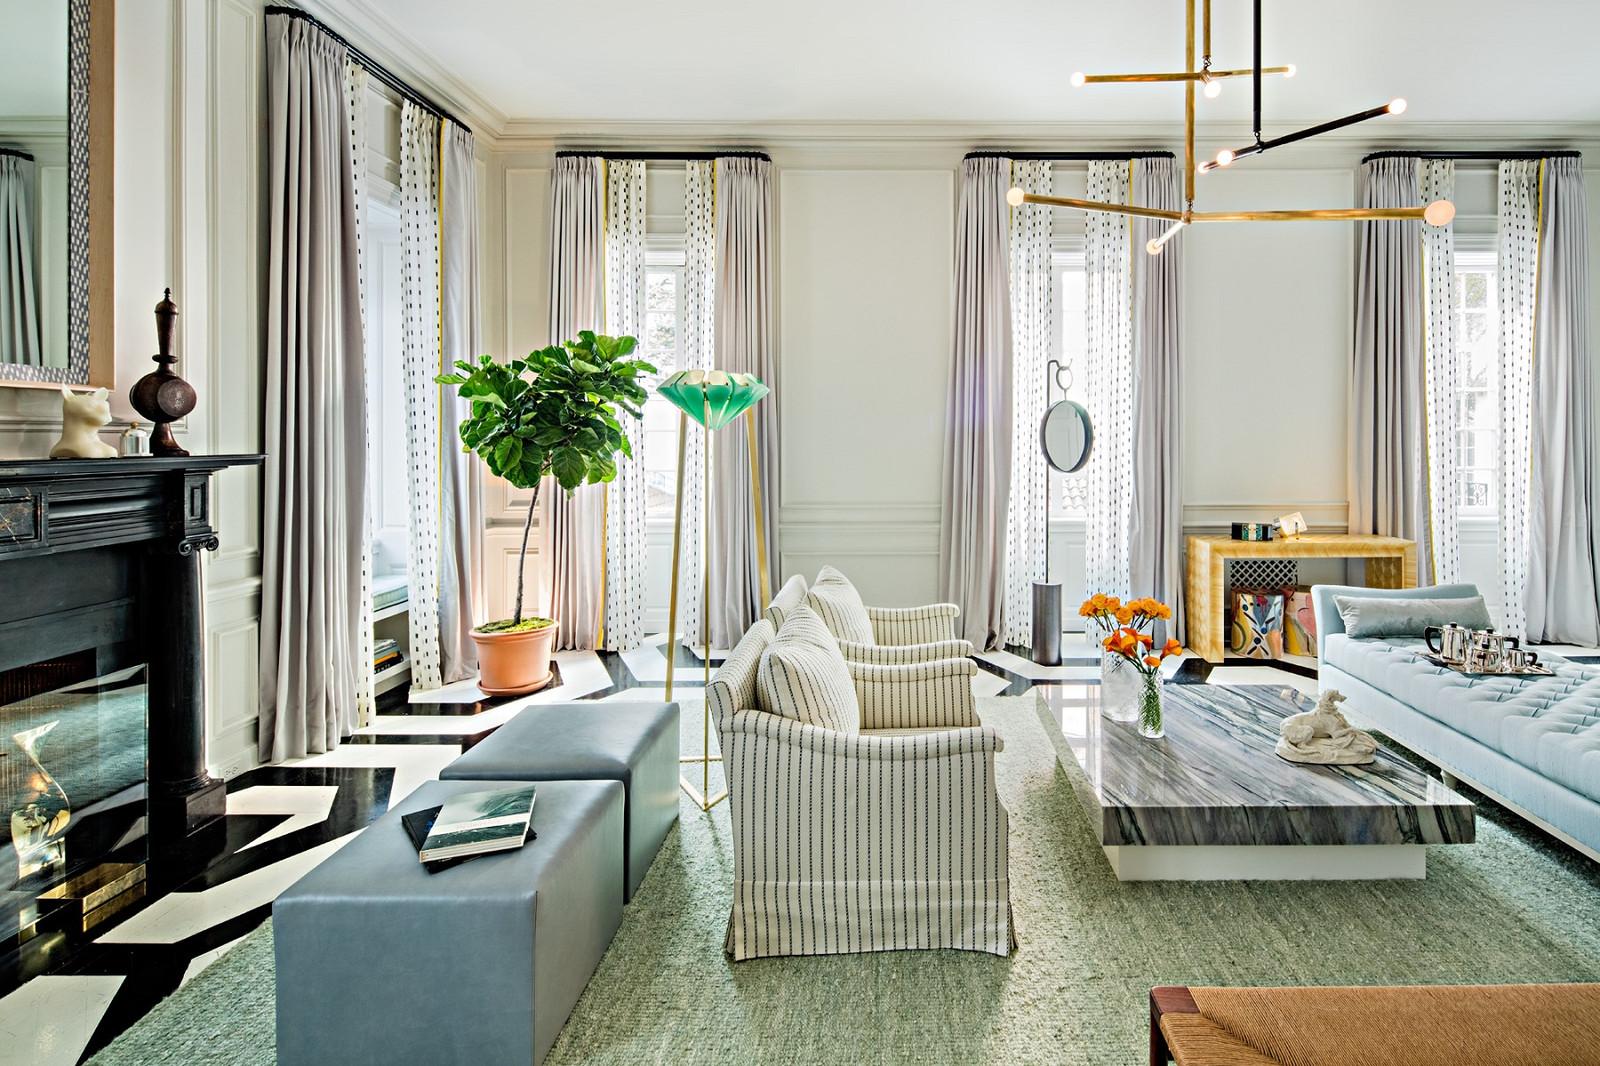 Design Inquiries: Interiors@parisforino.com